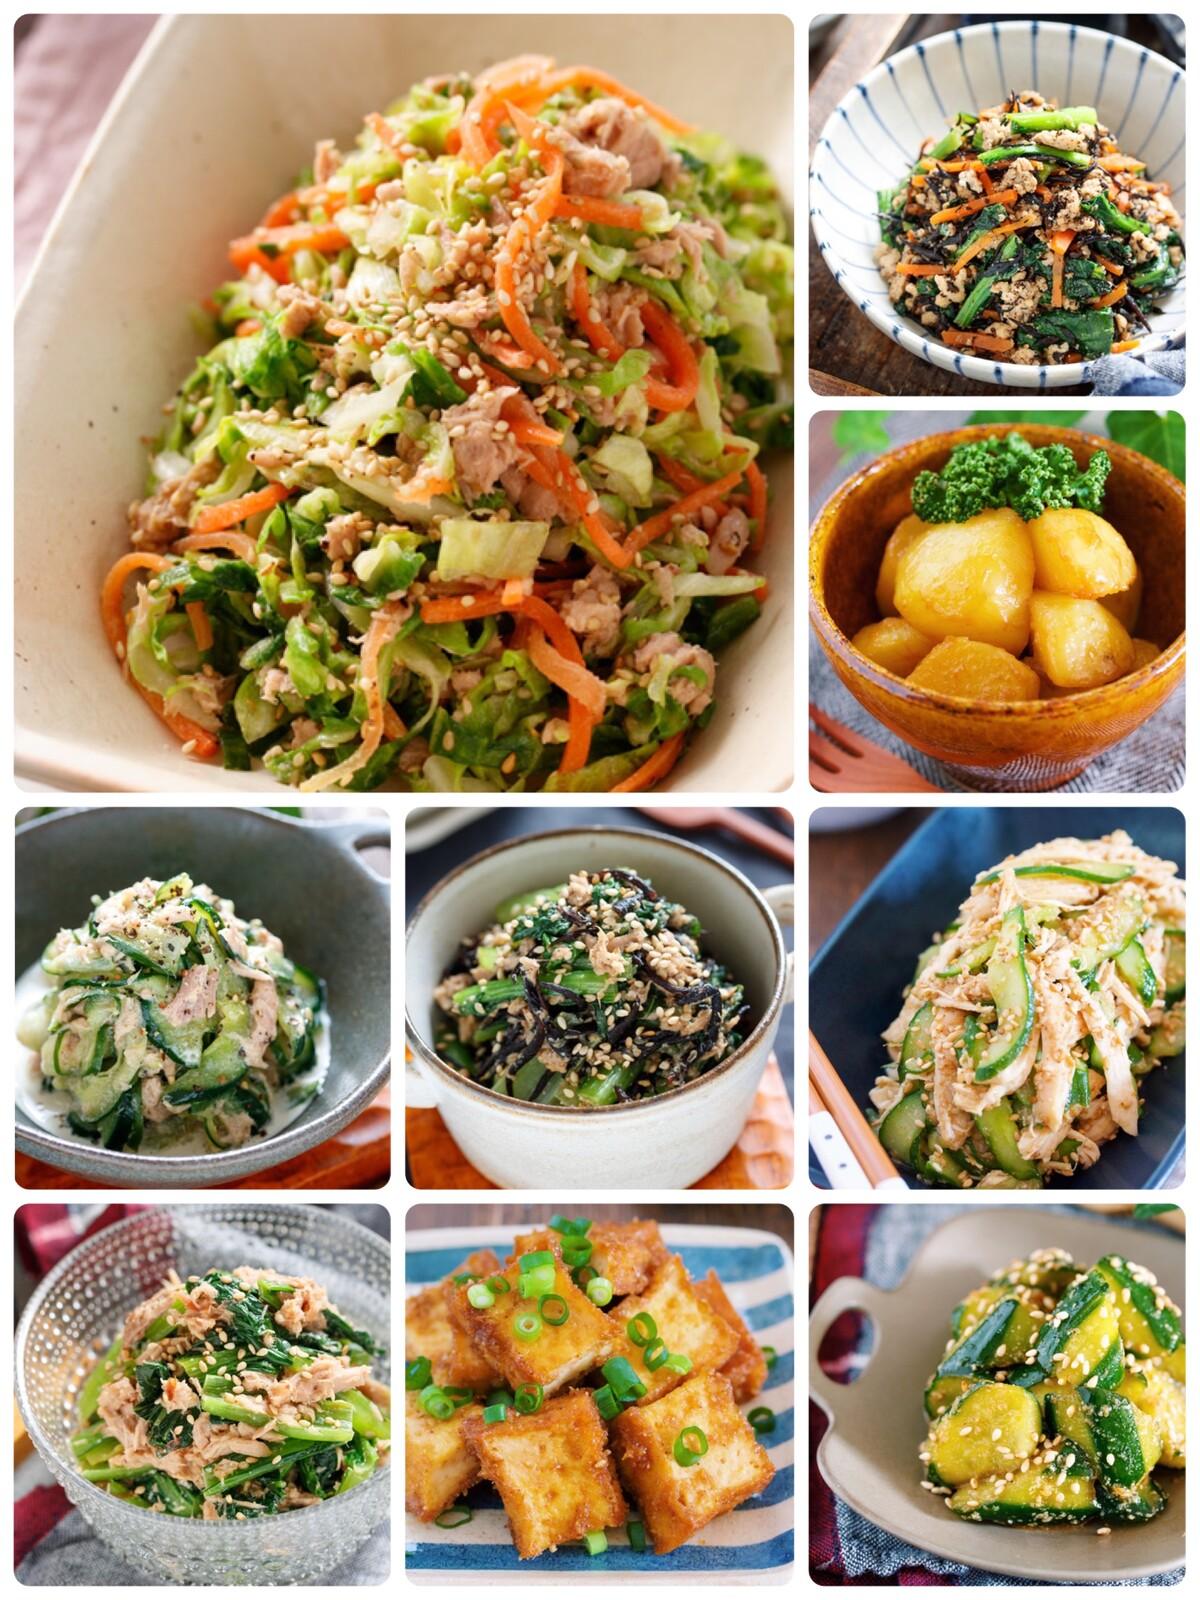 野菜 おかず 作り 置き 2021年の人気作り置きおかず。簡単おすすめ常備菜レシピまとめ。